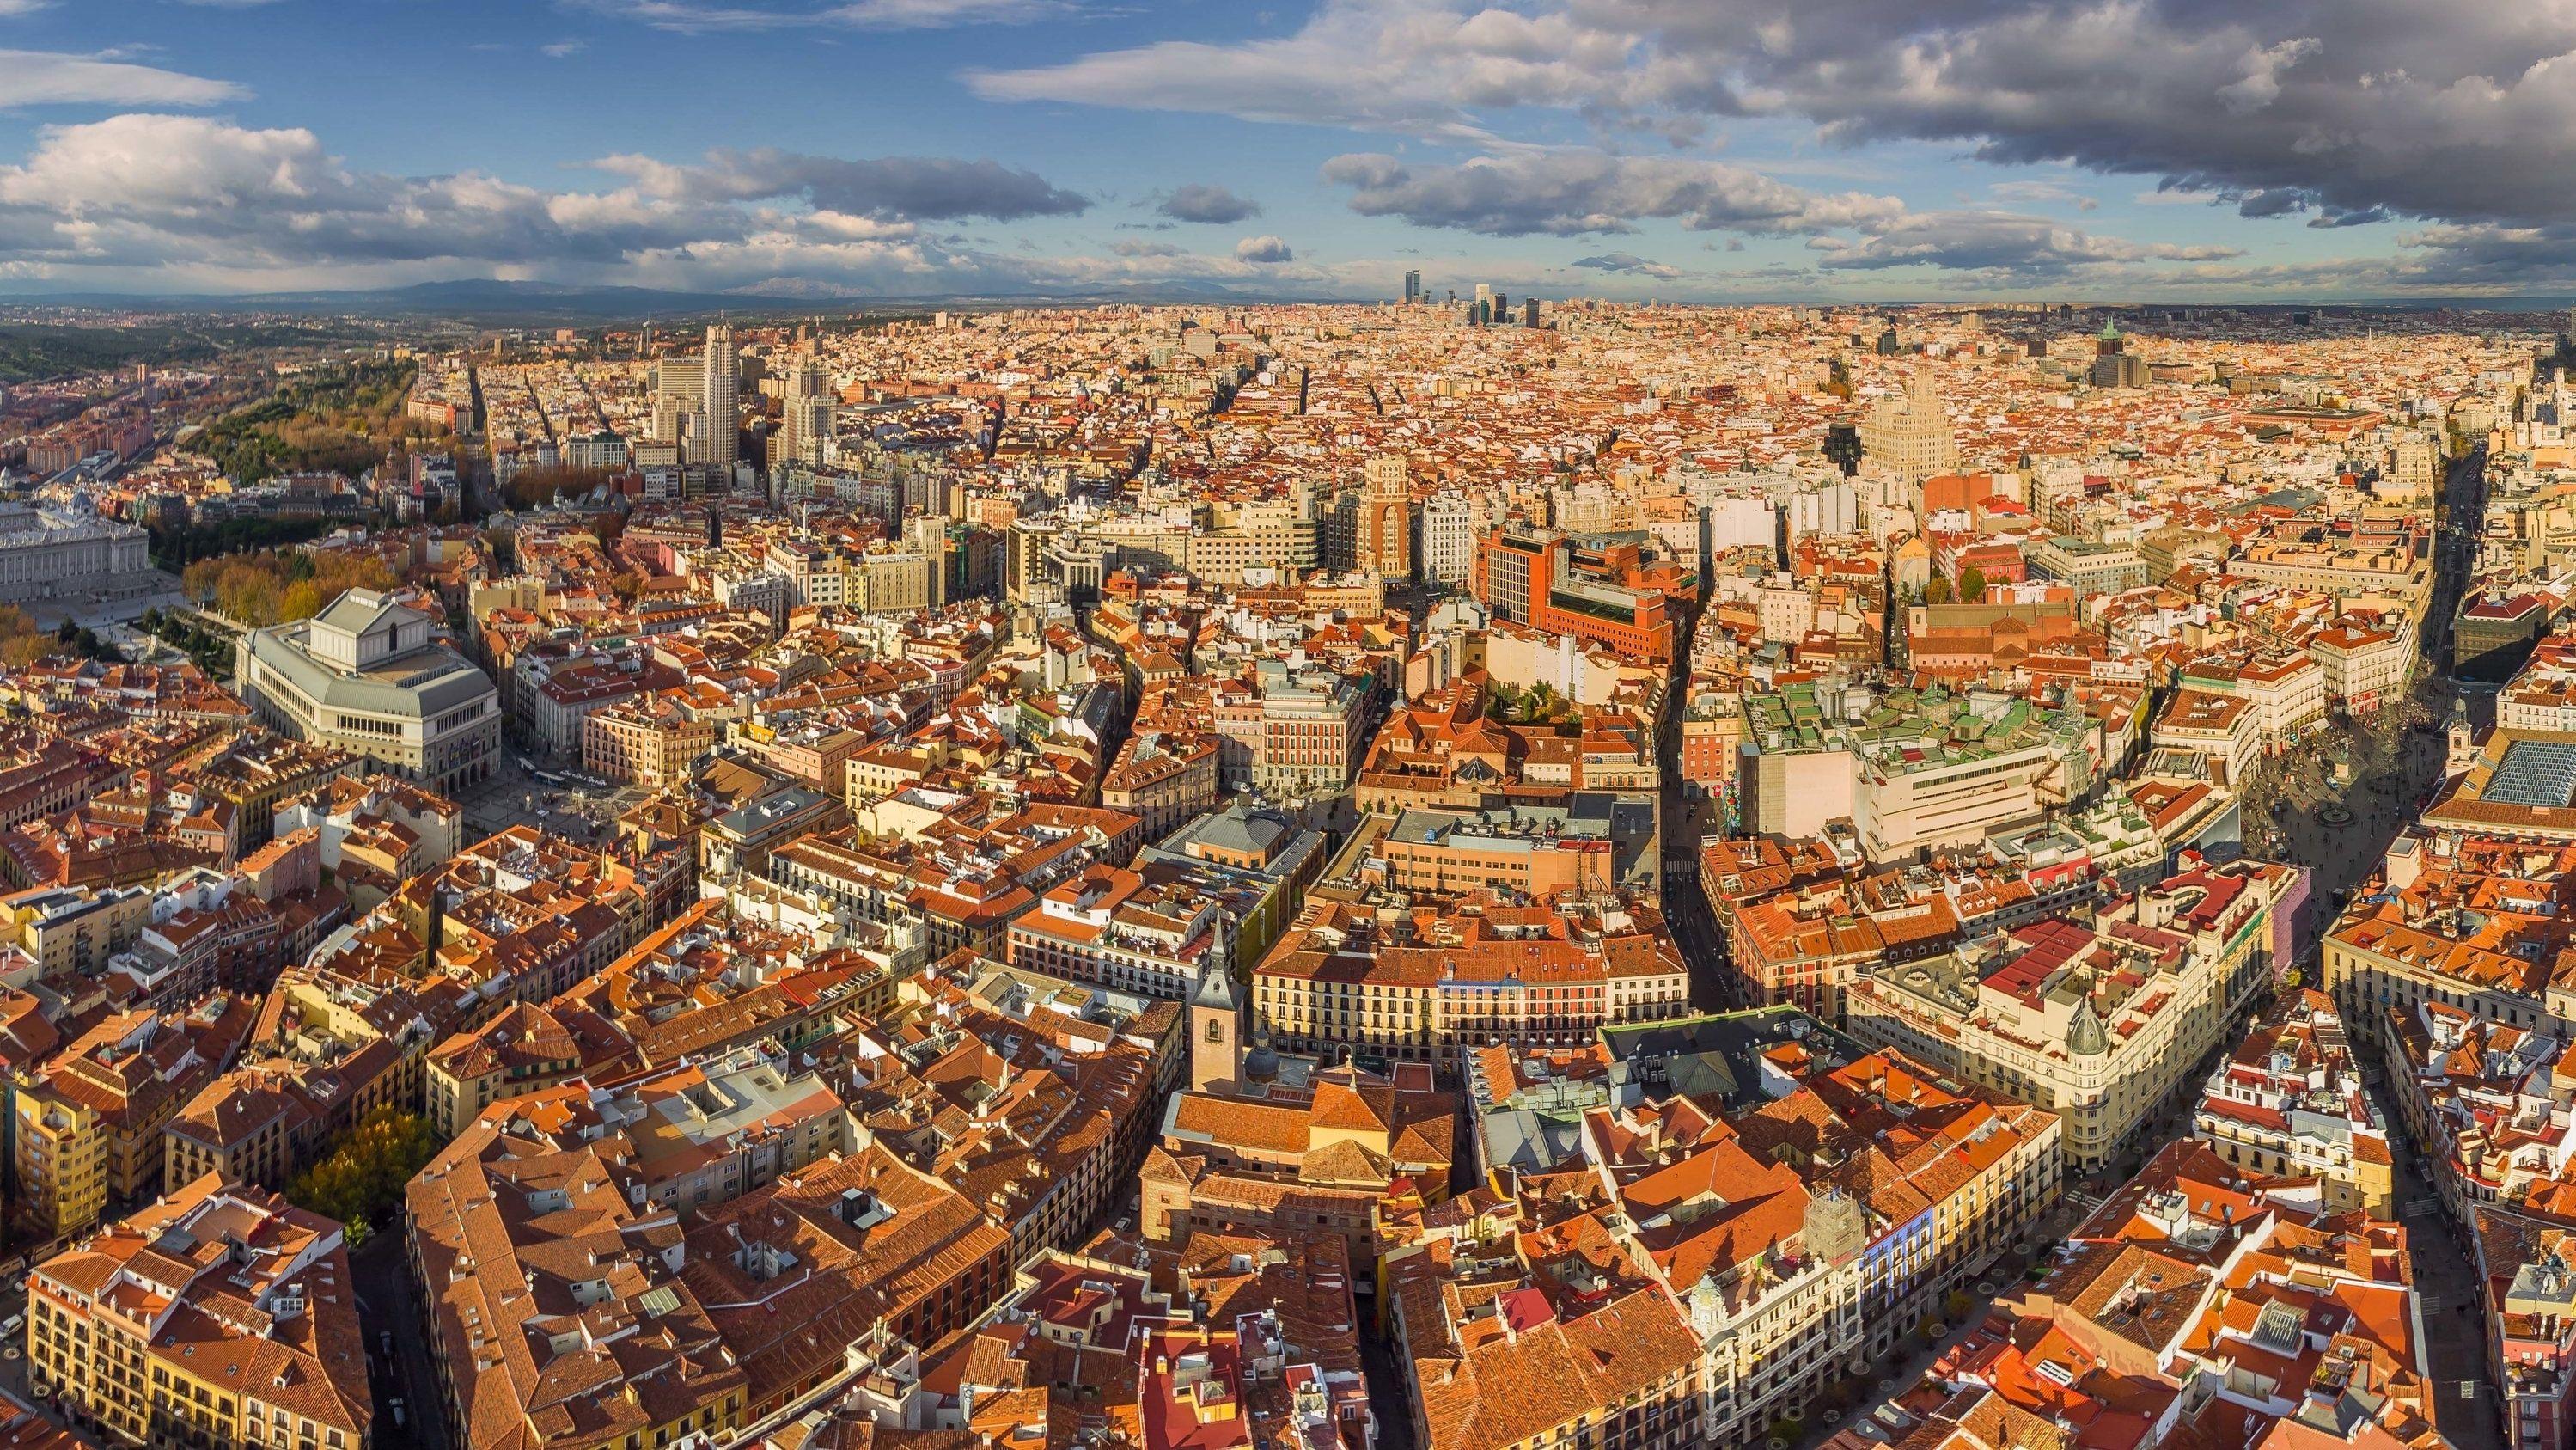 Blick aus der Vogelperspektive auf Madrid